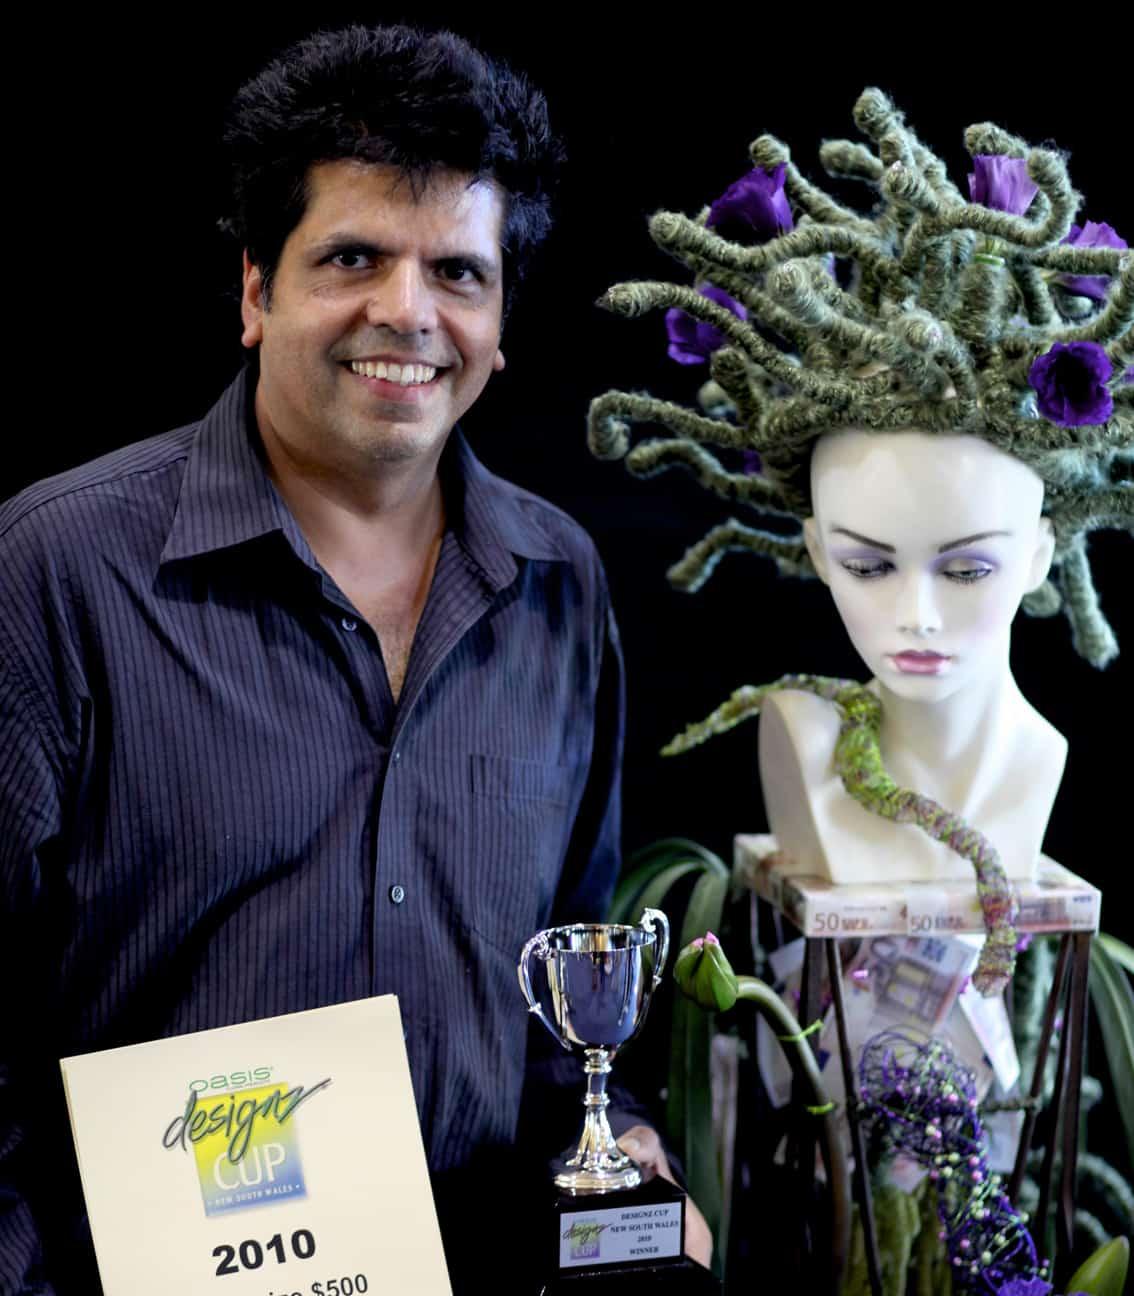 2010 designz®Cup National Winner